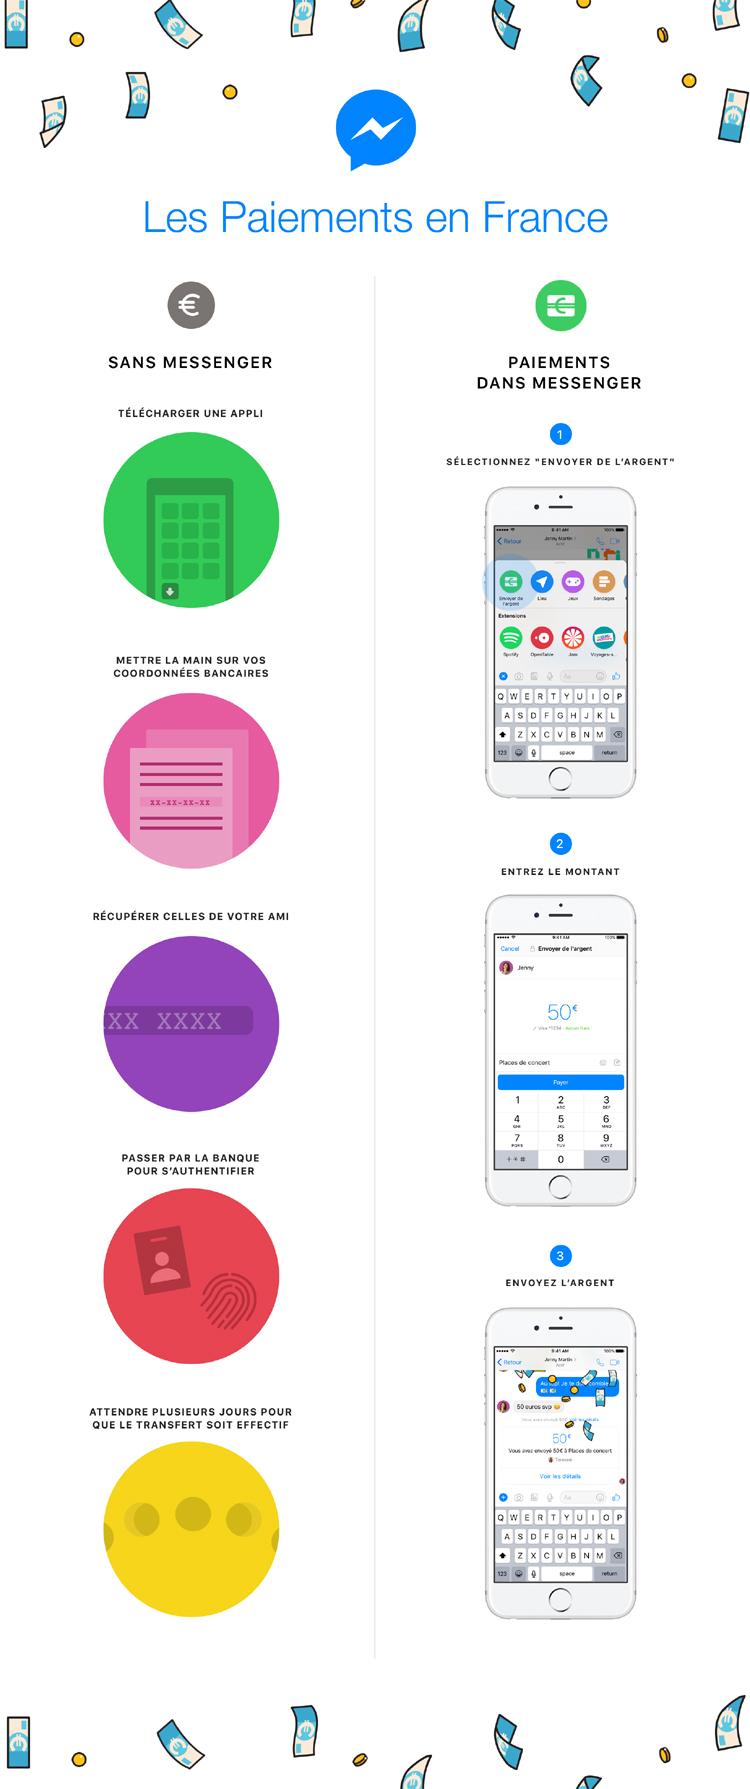 Vous pouvez enfin rembourser directement vos amis via Messenger